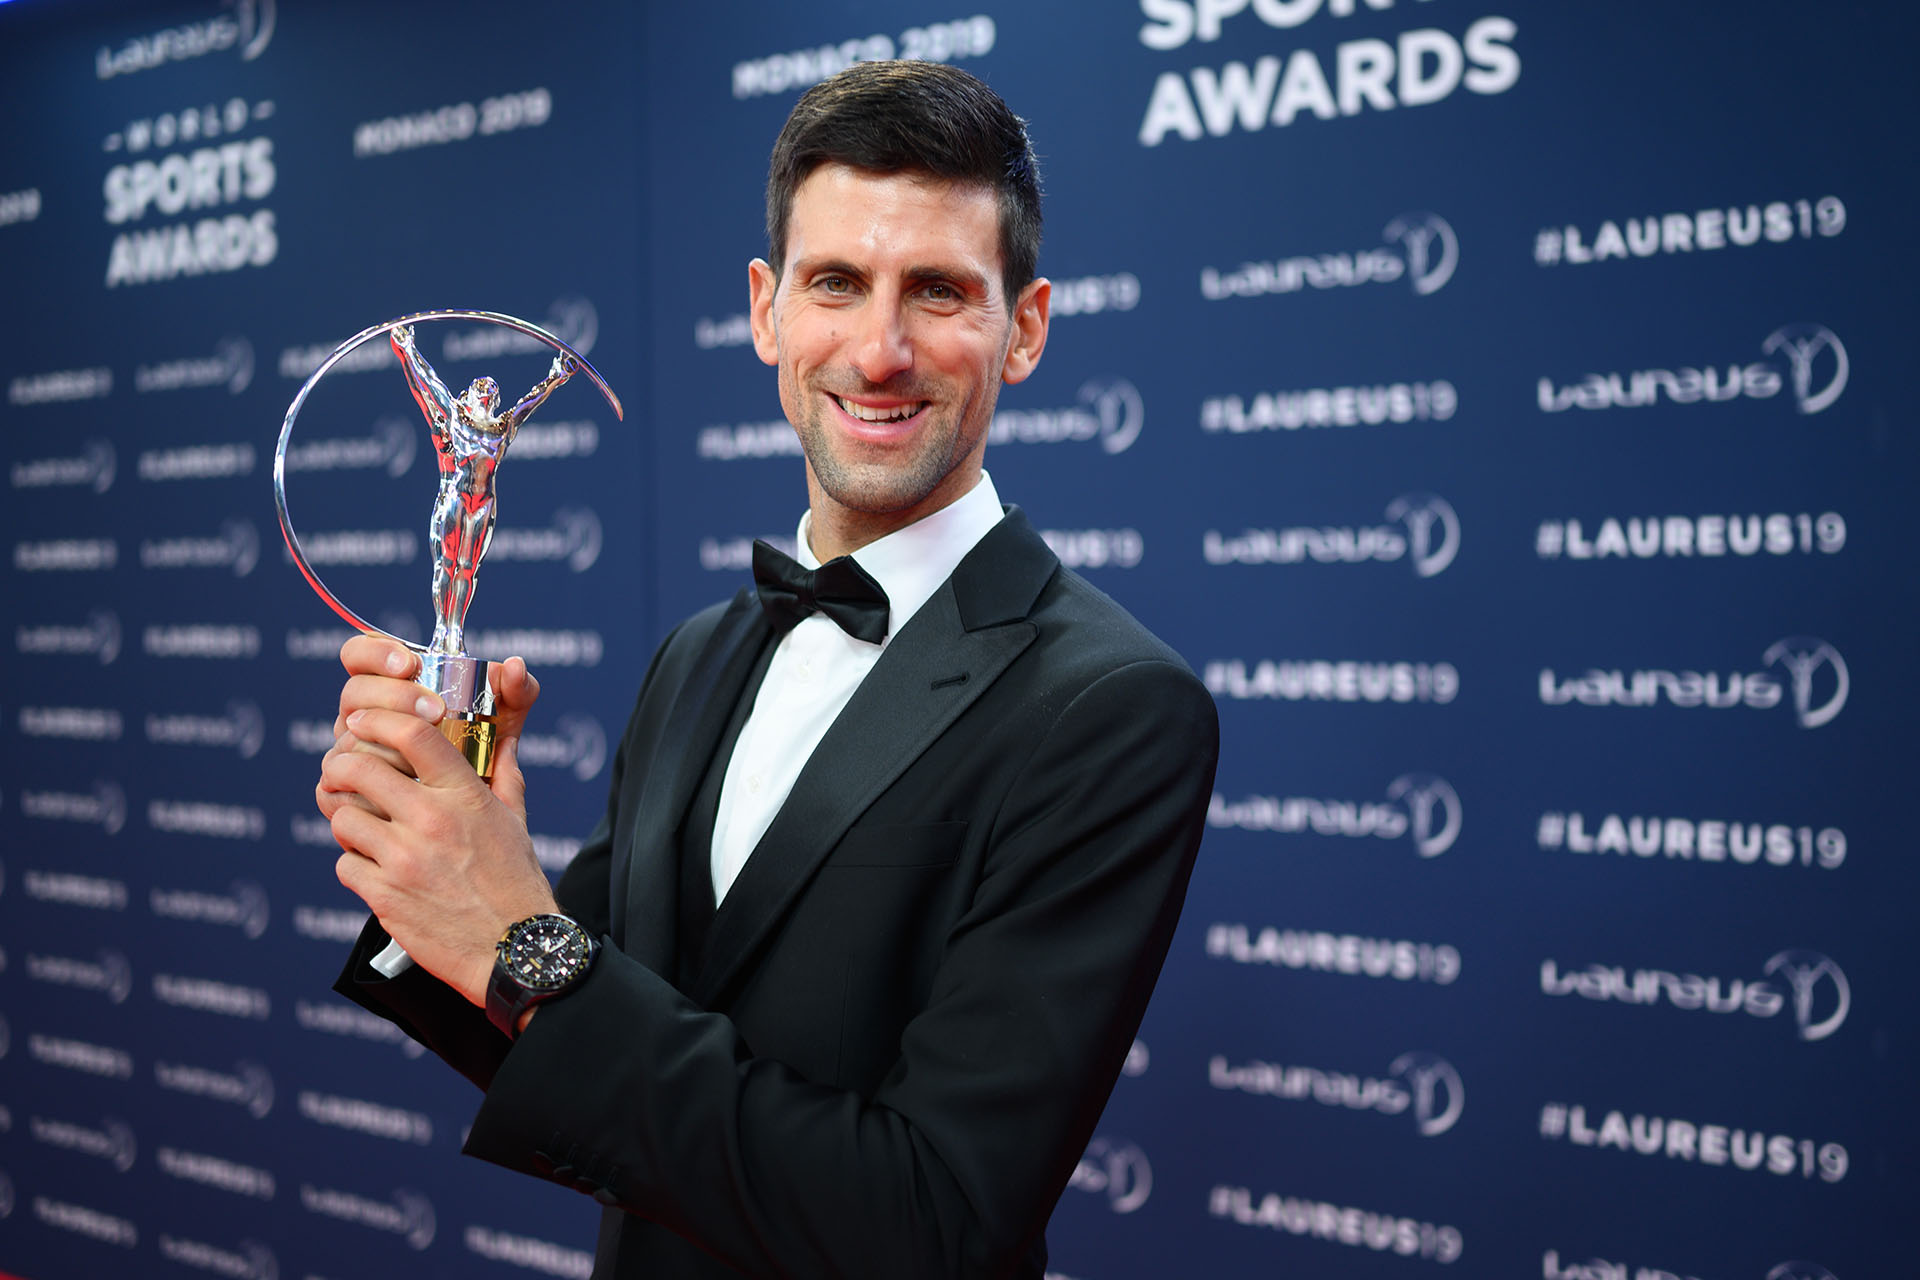 El tenista Novak Djokovic entre los más premiados de la noche se mantuvo a la etiqueta con un riguroso smoking